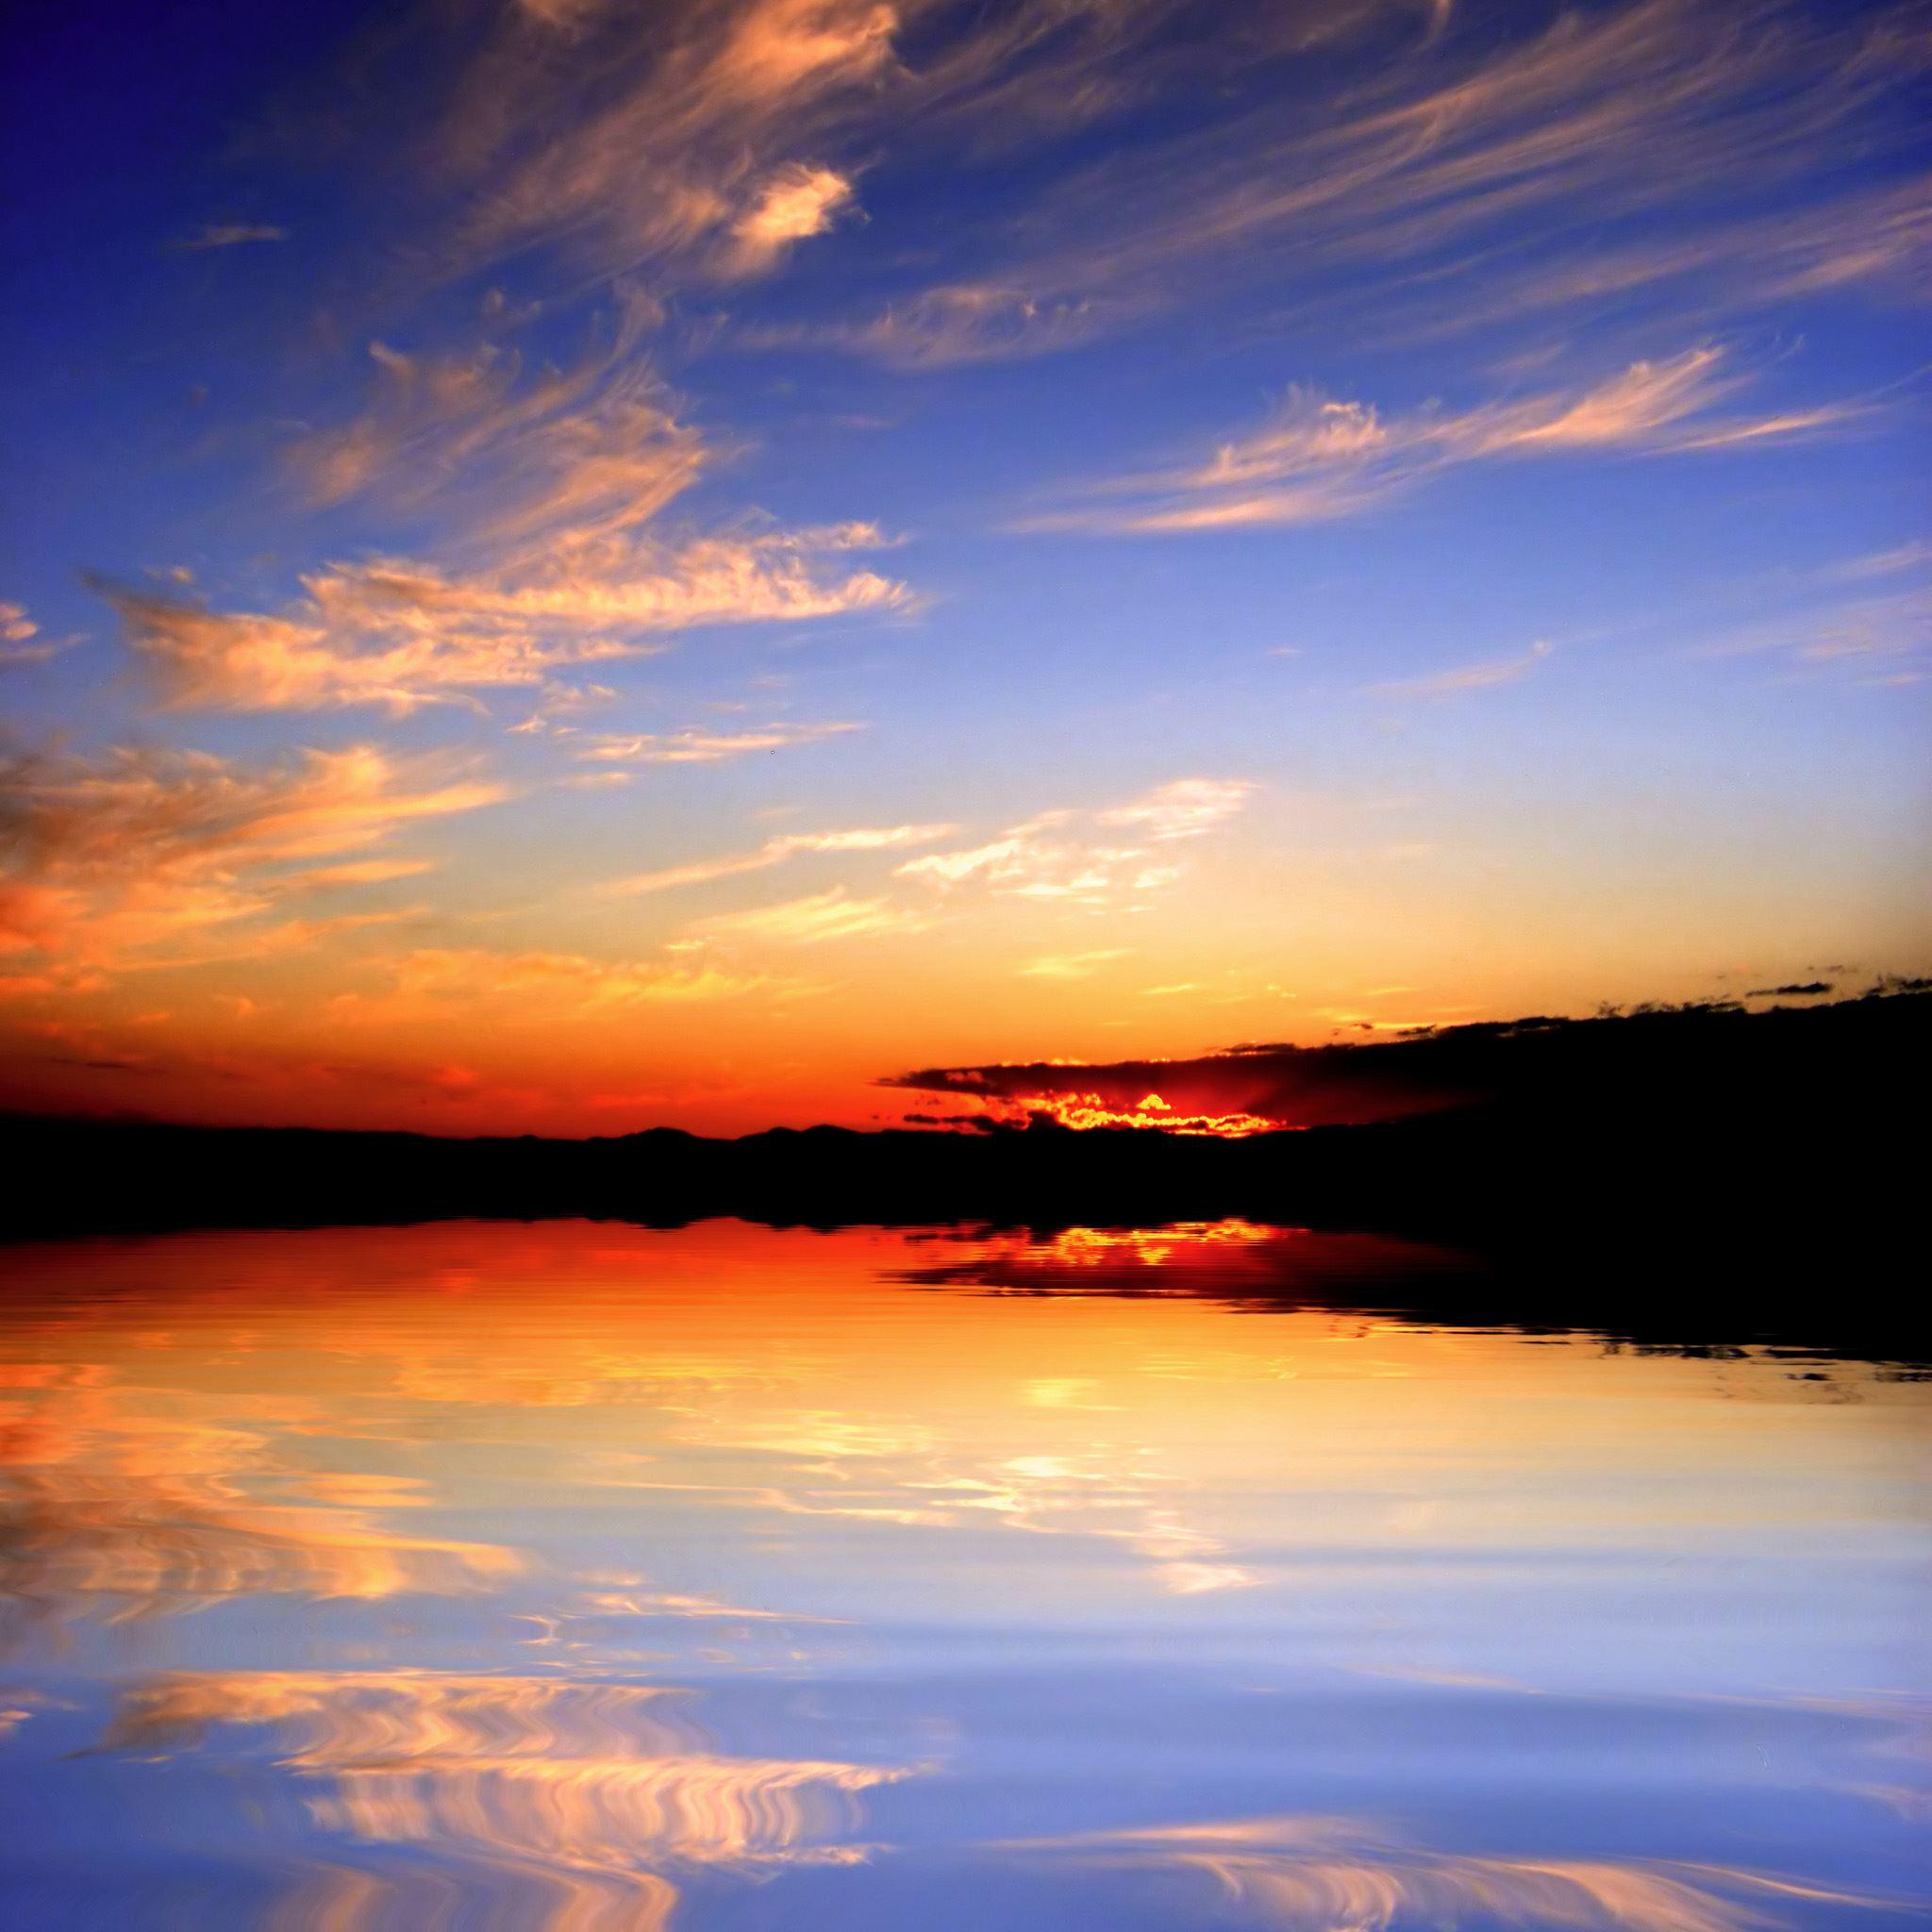 wonderful ocean my horizon scene ipad air wallpaper download